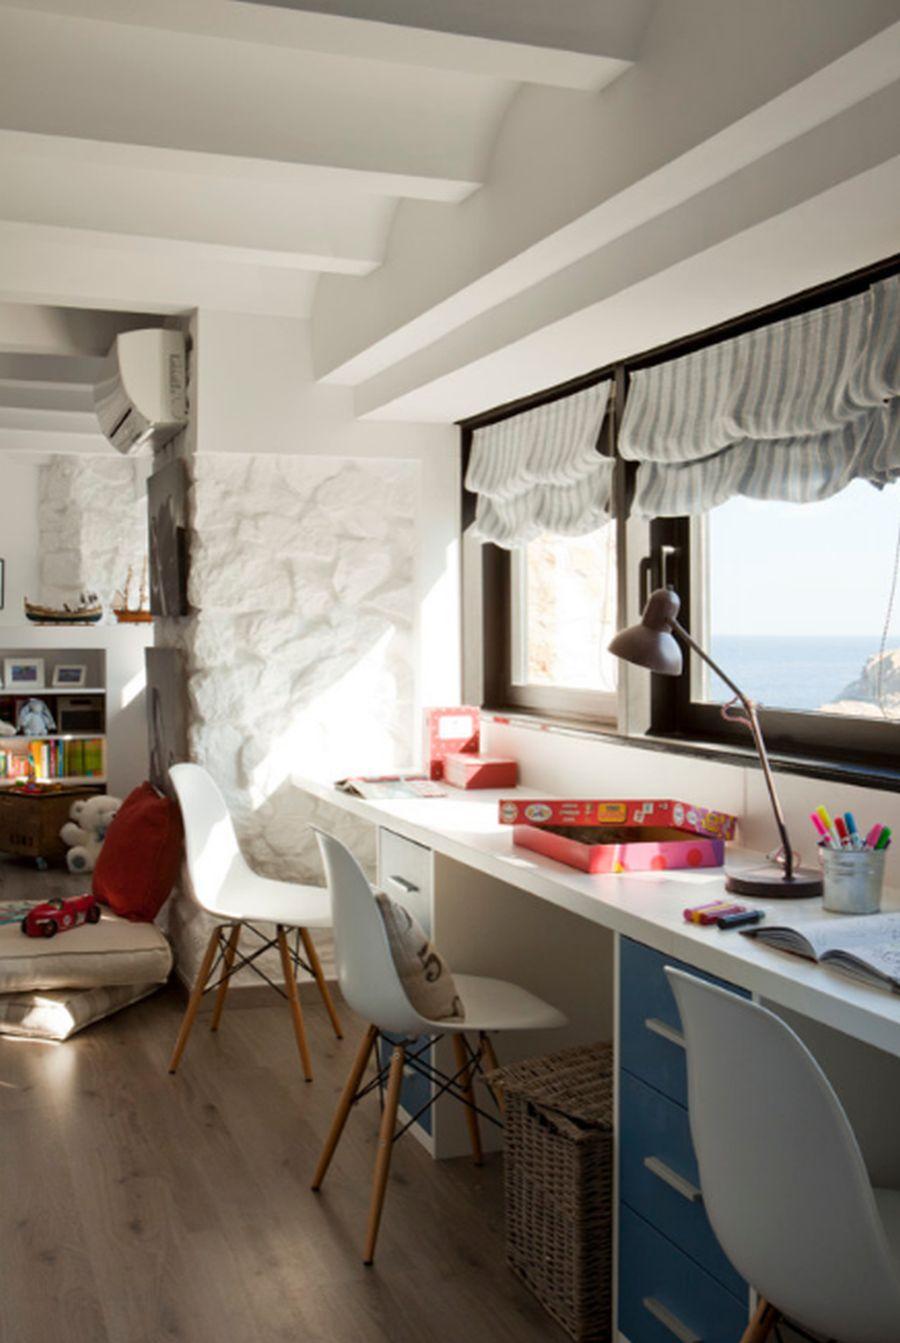 adelaparvu.com despre apartament duplex cu vedere la mare, Costa Brava, designer Pia Capdevila (14)